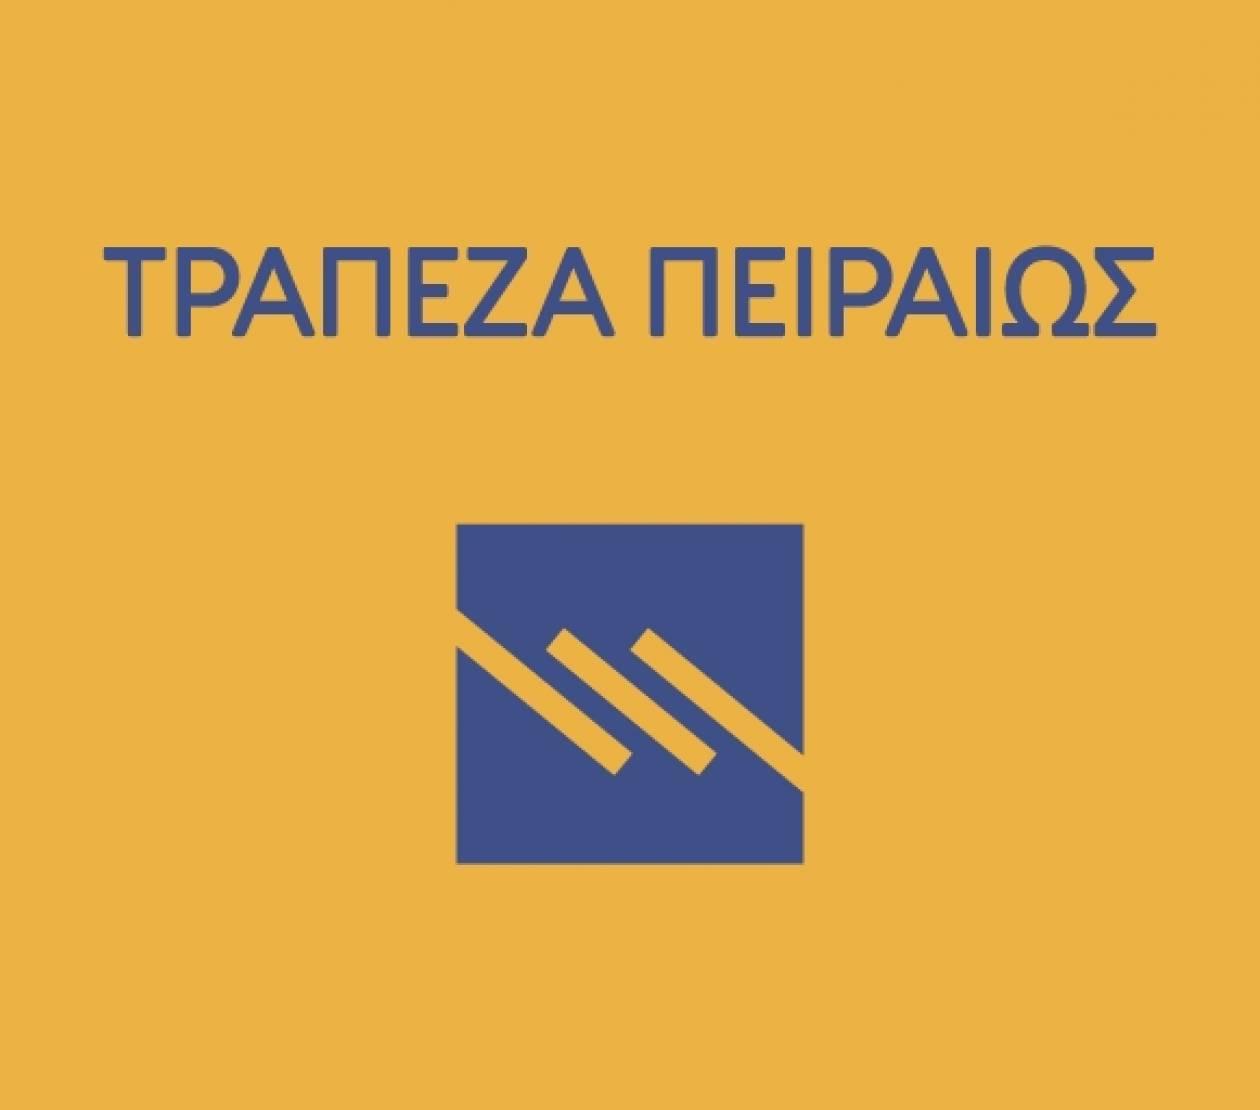 Υπό ενιαίο σύστημα πληροφορικής Τράπεζα Πειραιώς και Κύπρου